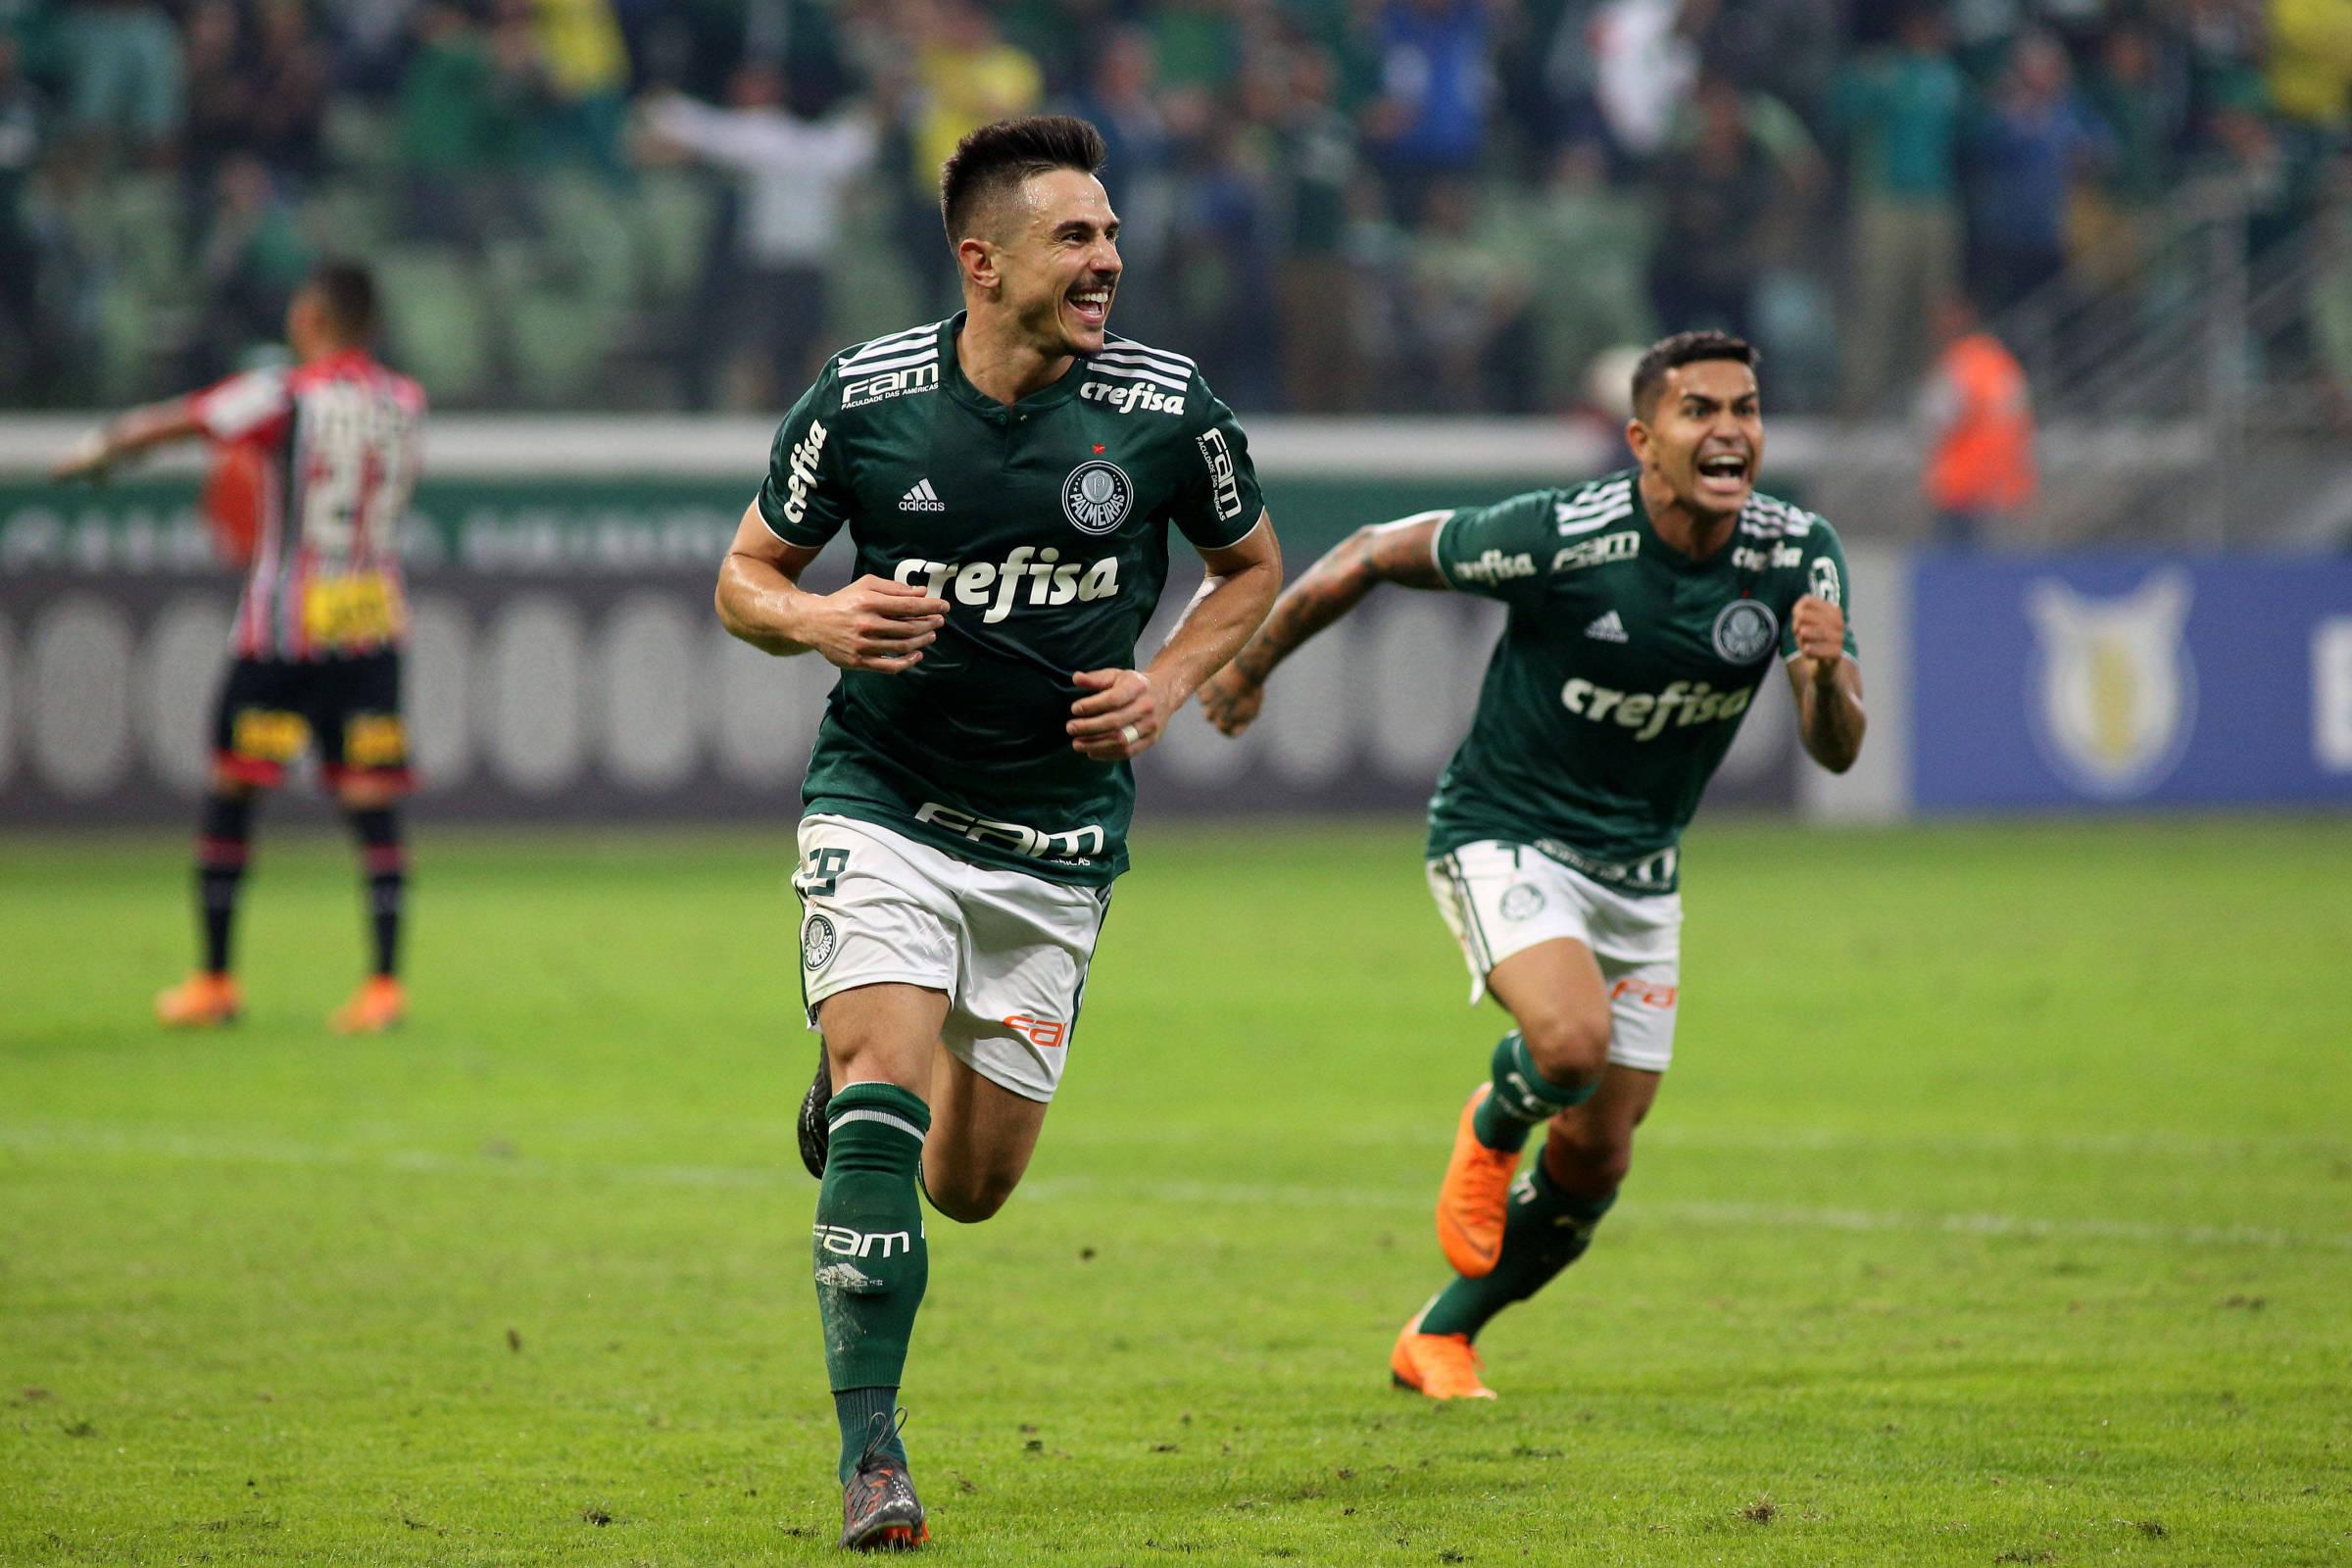 efbf51b52bcb7 Esporte Interativo deixa TV e terá Brasileiro e Champions em canais da  Turner - 09 08 2018 - Esporte - Folha